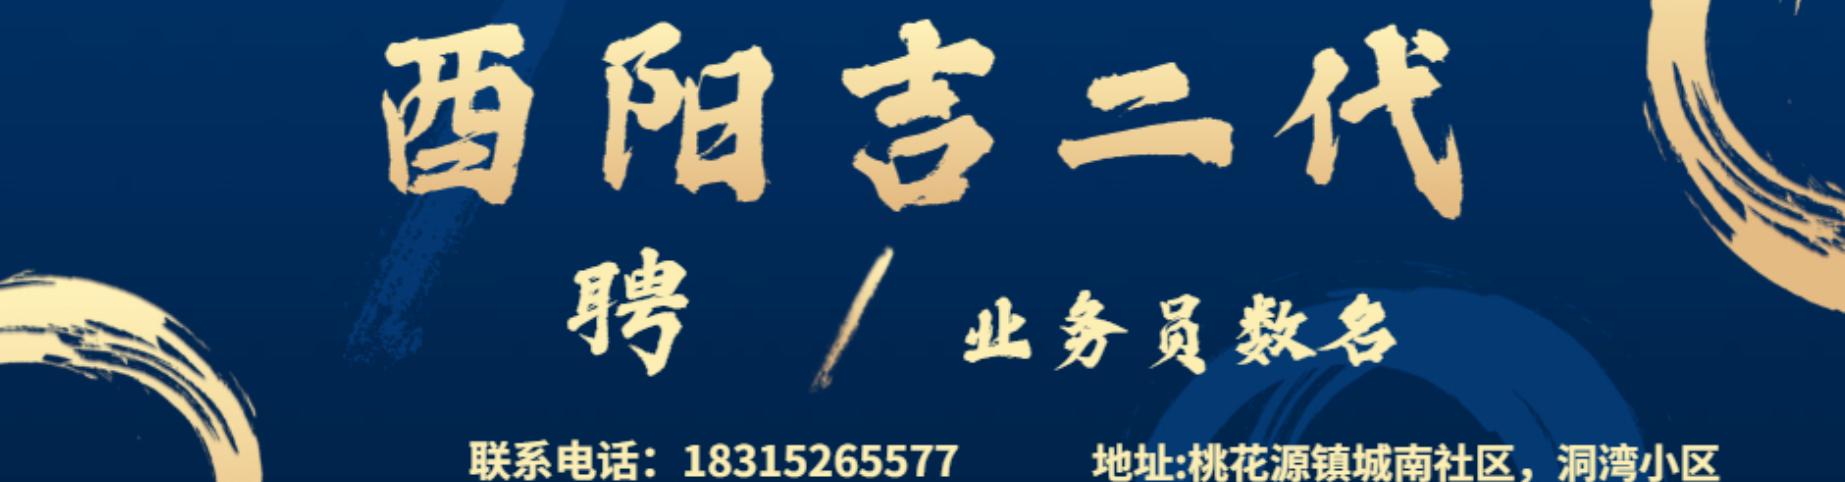 酉阳吉二代副食批发经营部